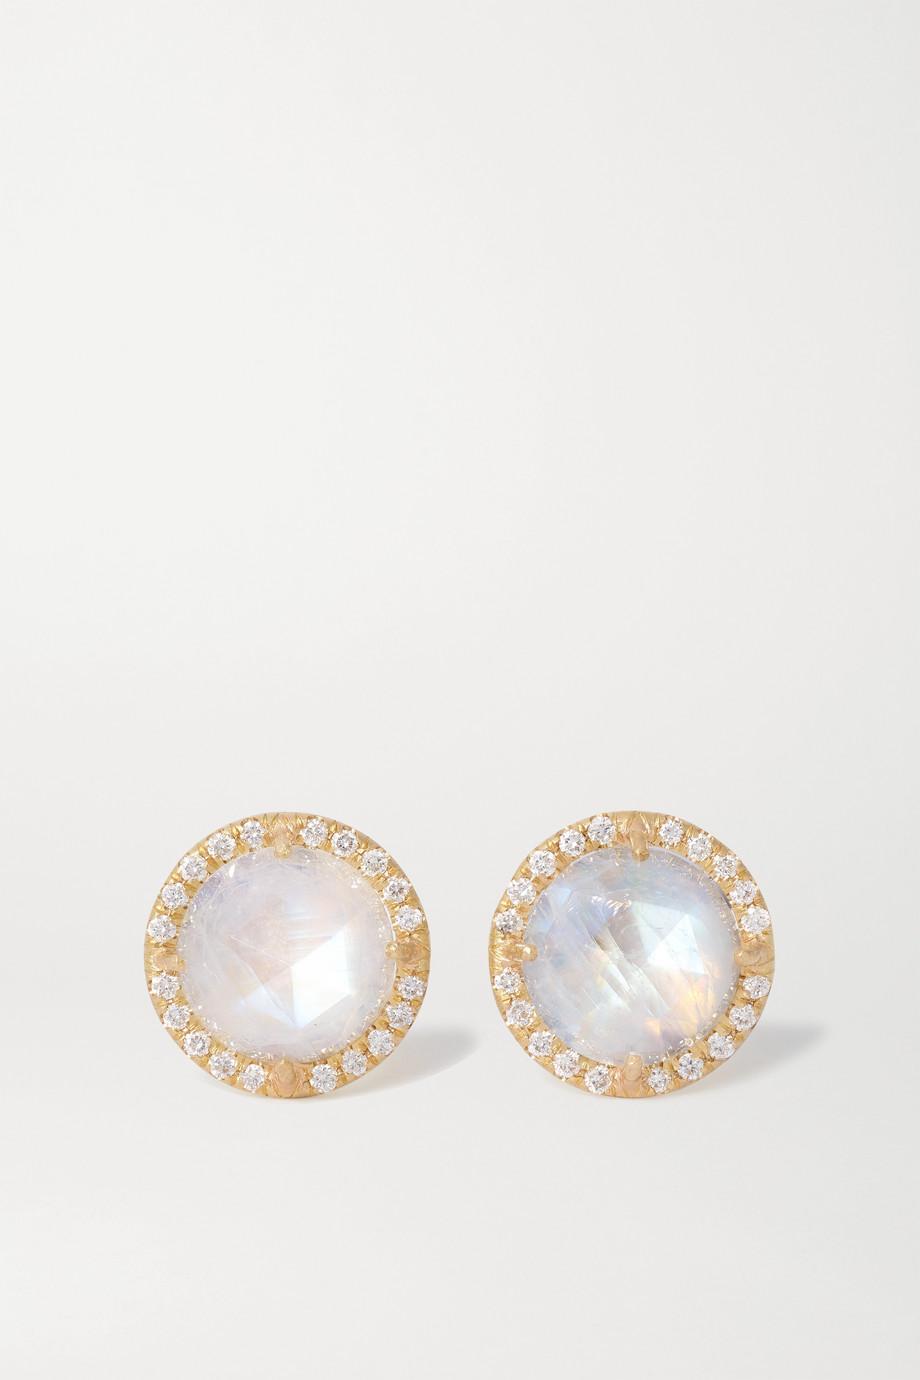 Irene Neuwirth 18K 黄金、月长石、钻石耳钉